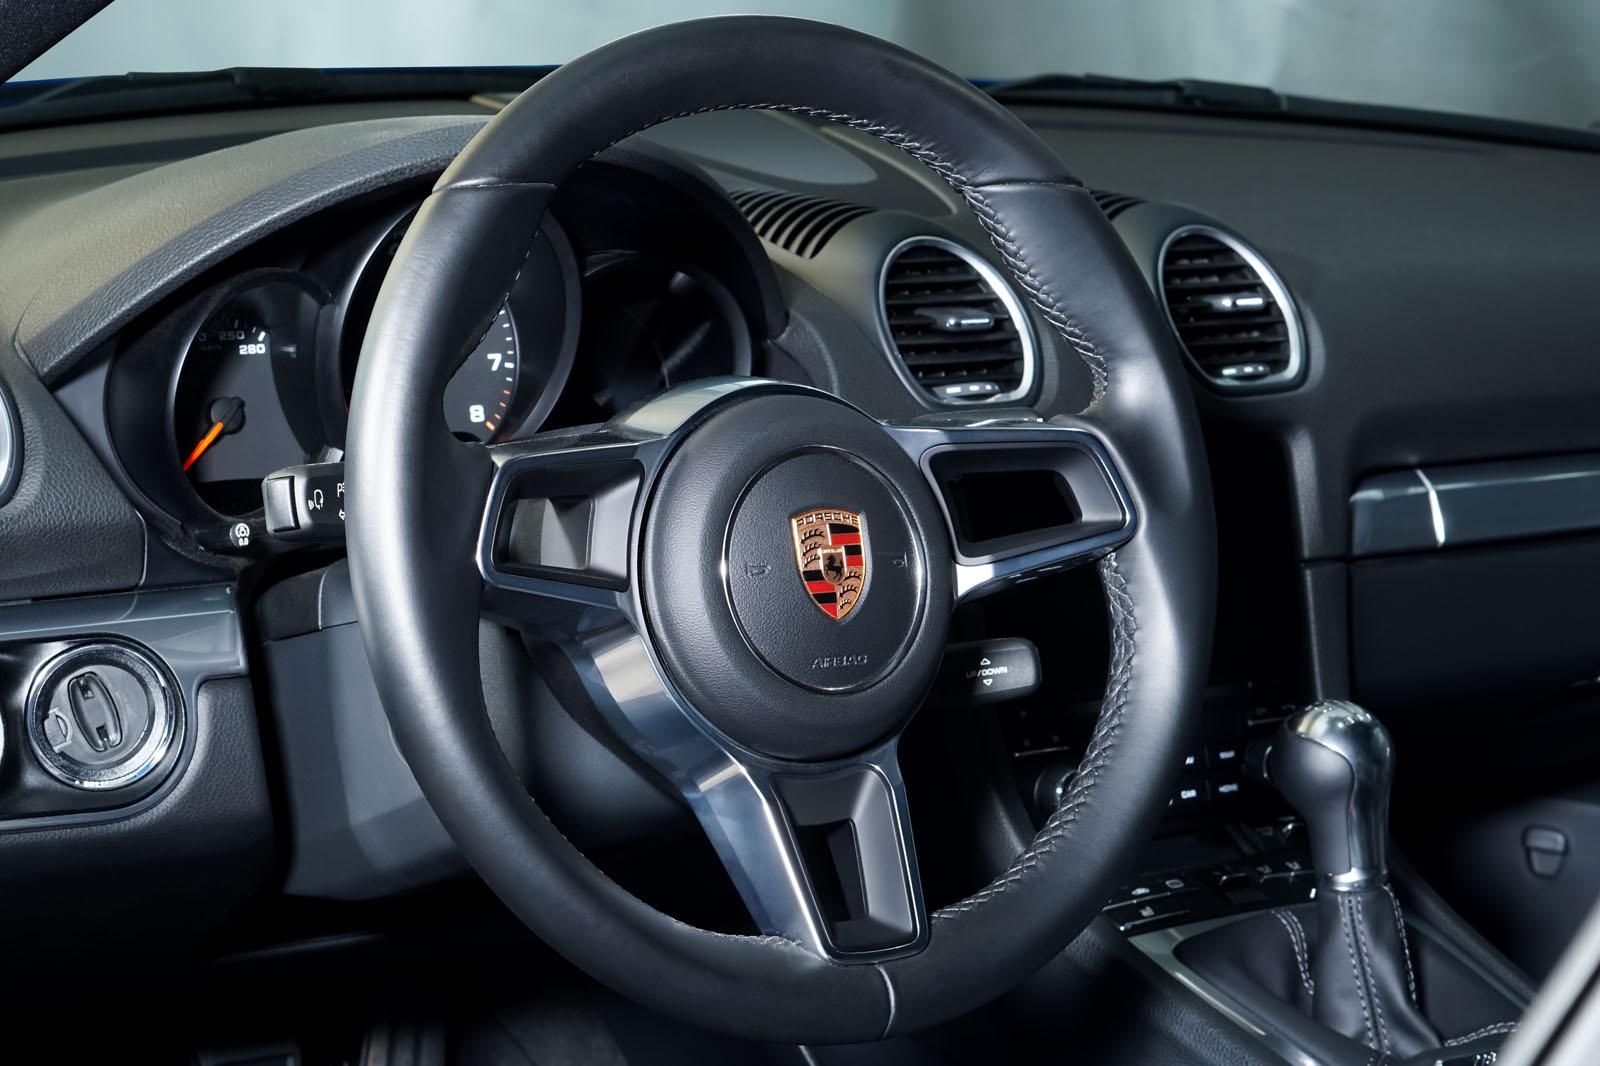 Porsche_Cayman_Blau_Schwarz_POR-0613_8_w